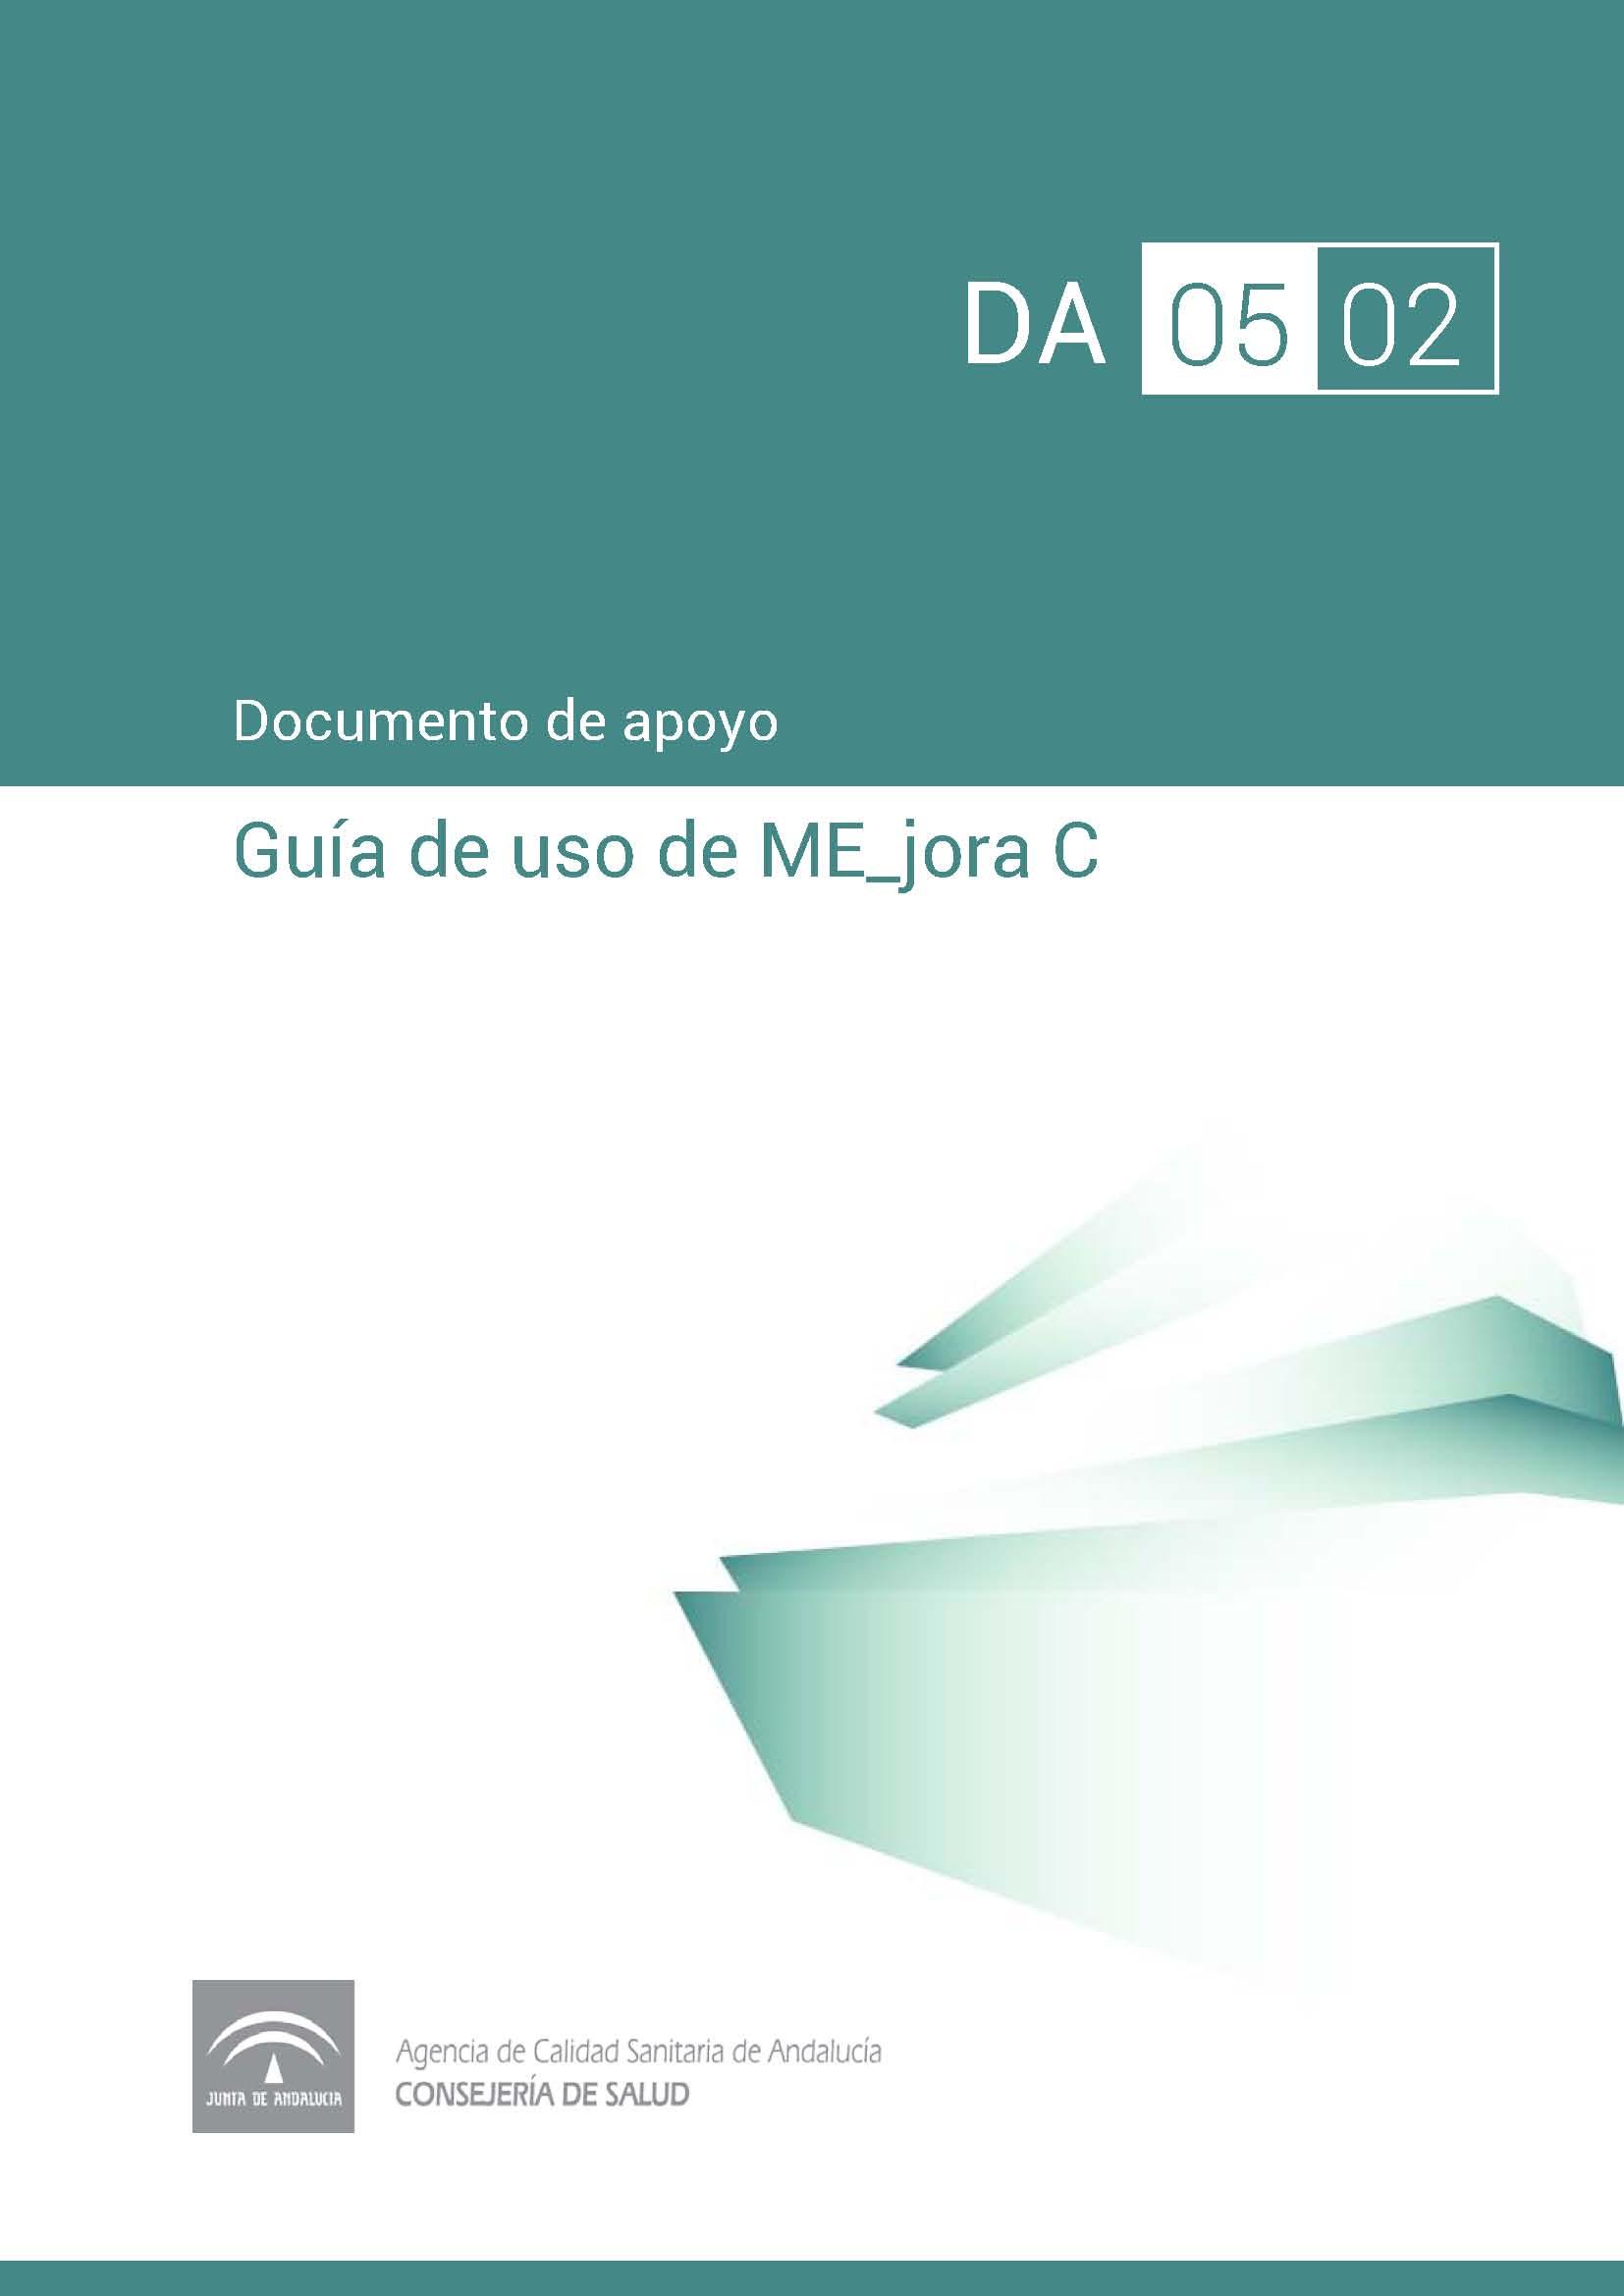 Guía de uso de la aplicación informática ME_jora C